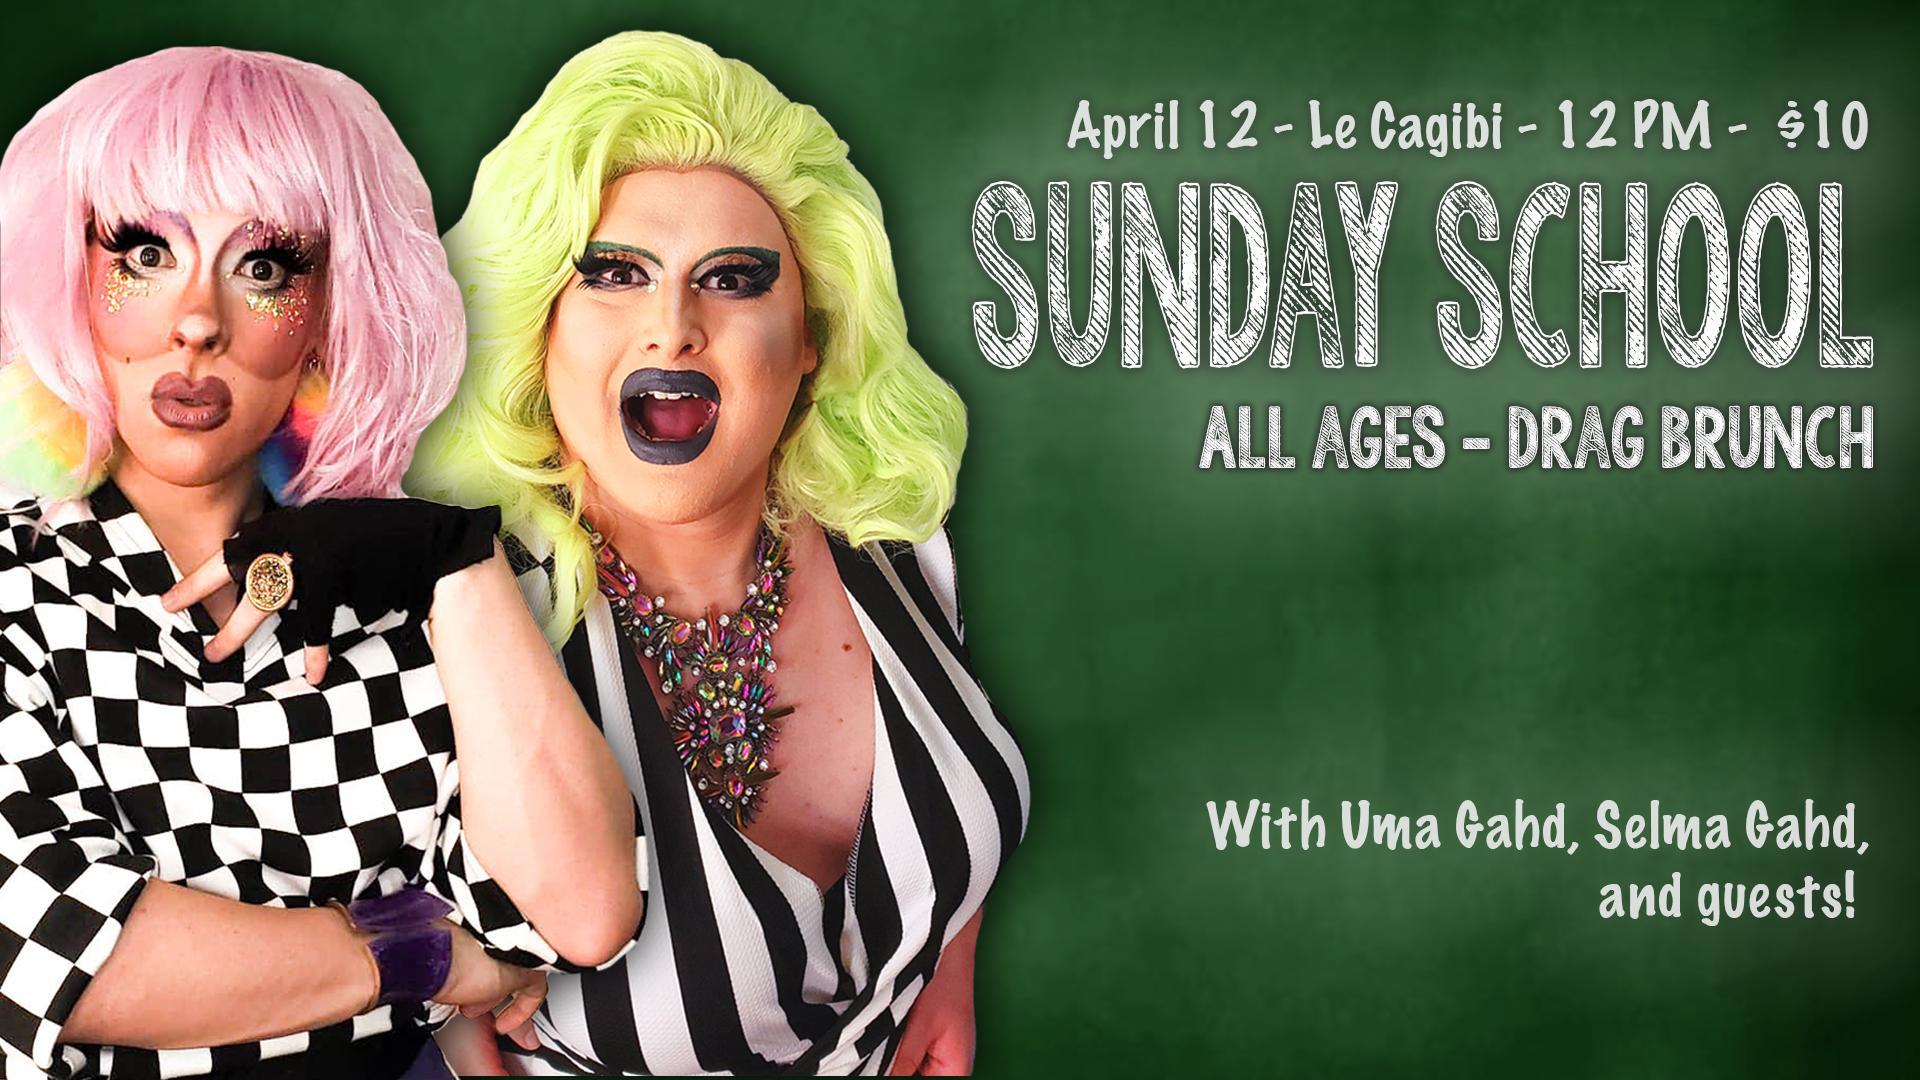 Sunday School - All Ages Drag Brunch April